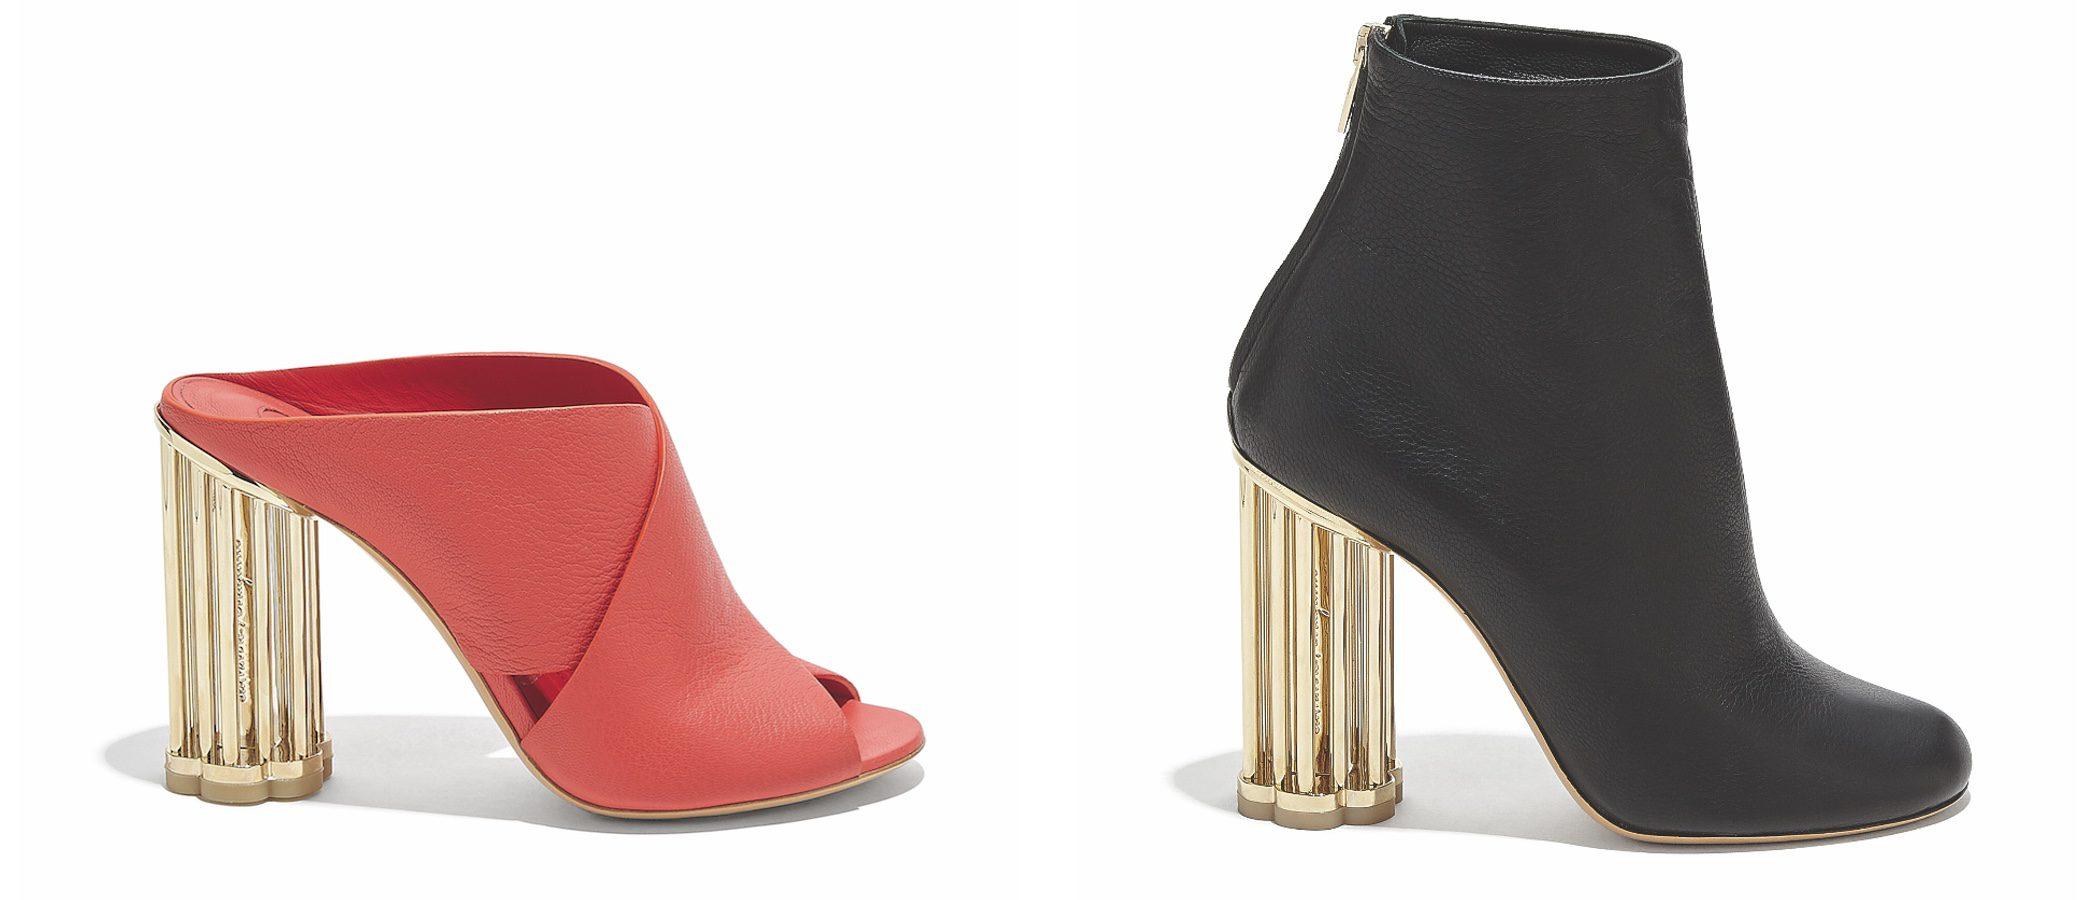 Salvatore Ferragamo crea nuevas siluetas de zapatos para su colección SS18 con tacón jaula